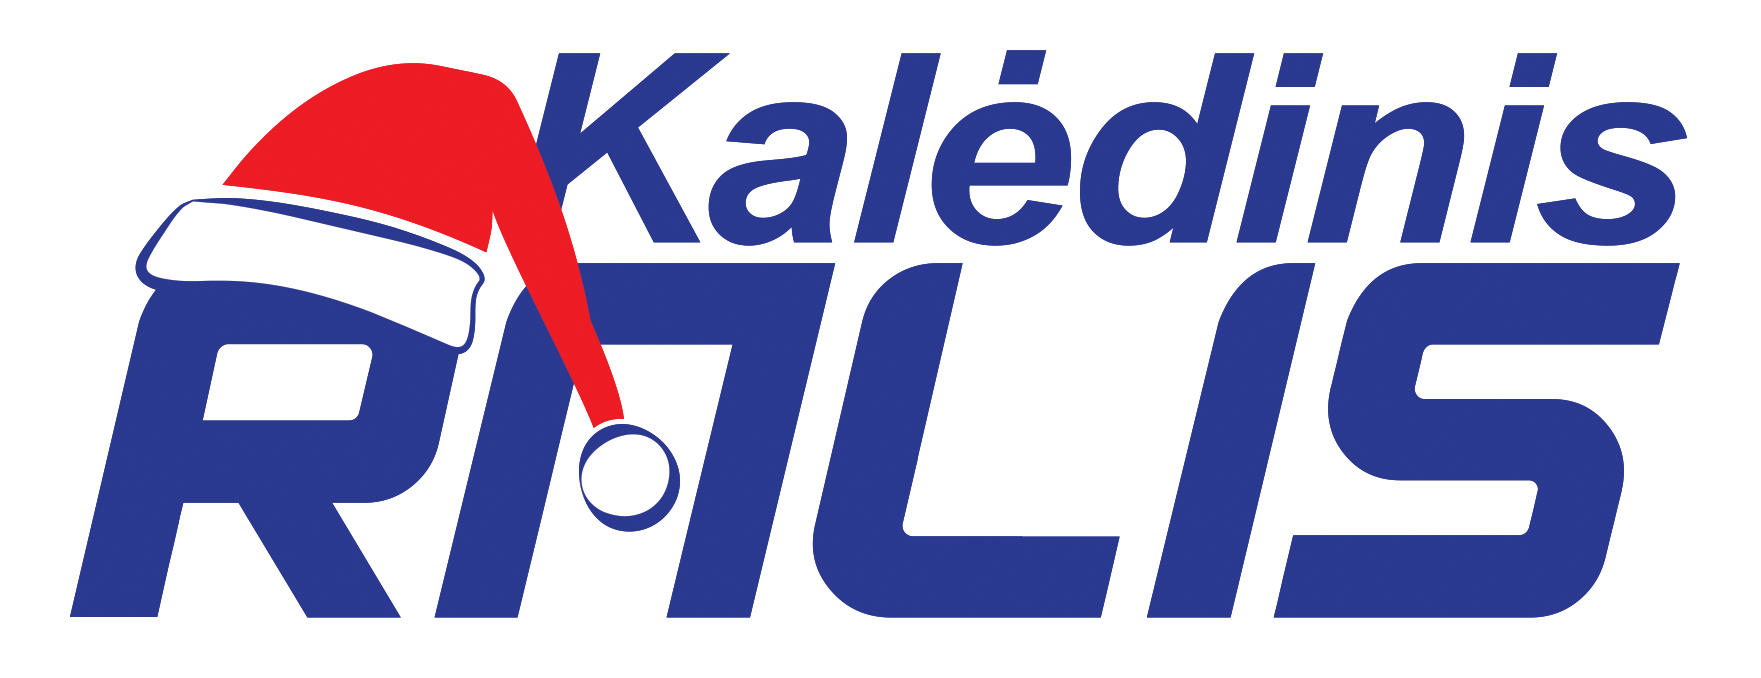 Kalėdinis ralis Logo